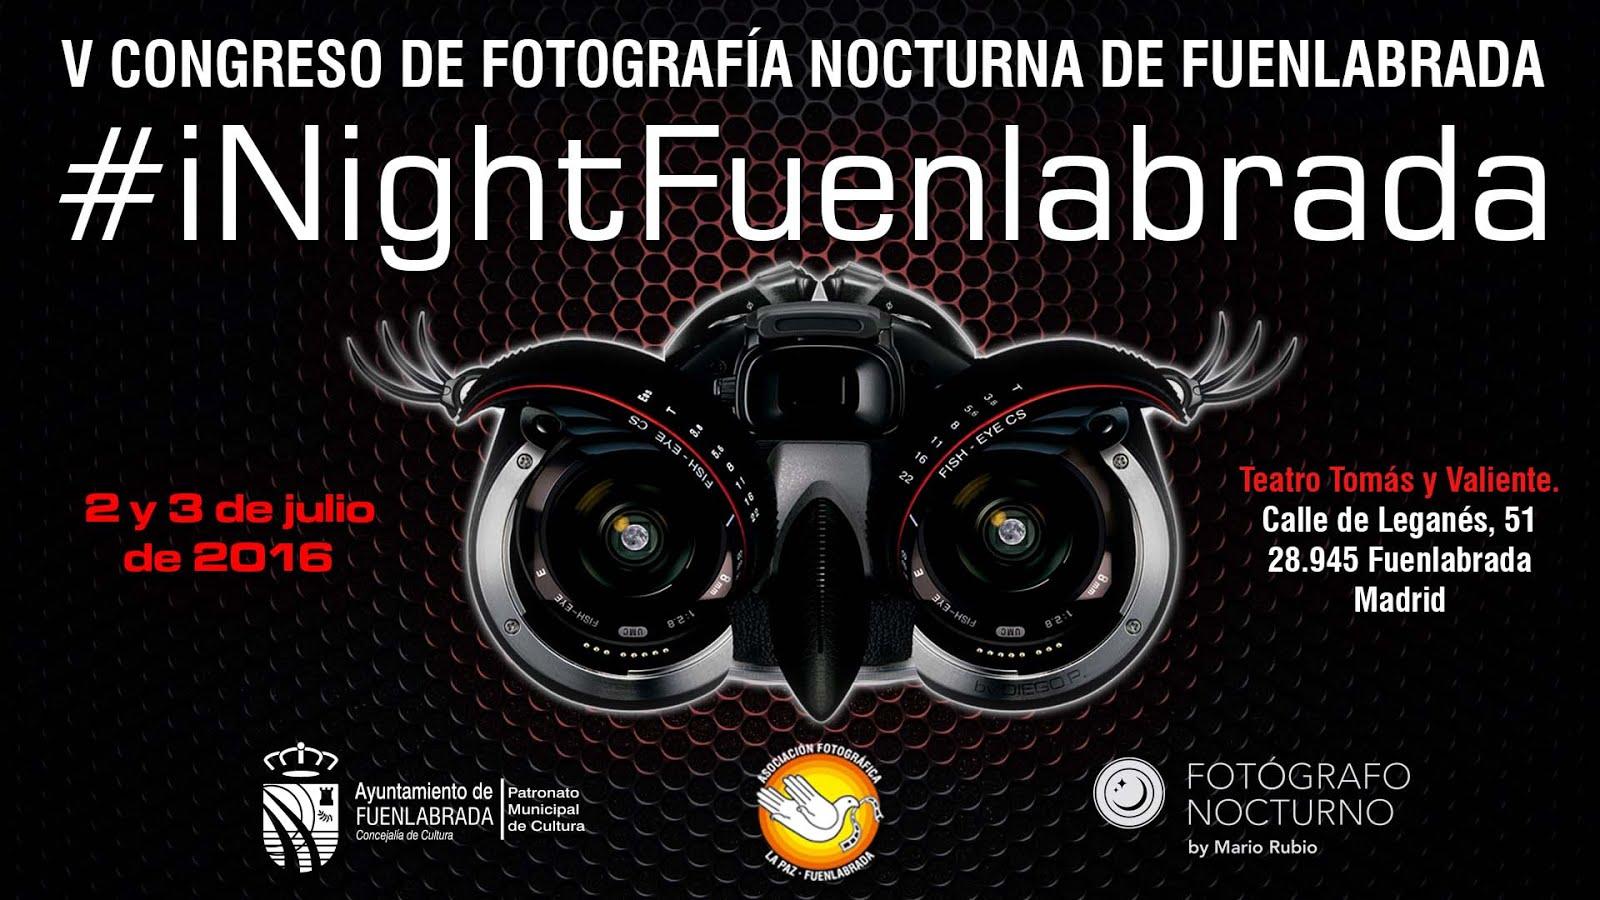 V Congreso Fotografía Nocturna